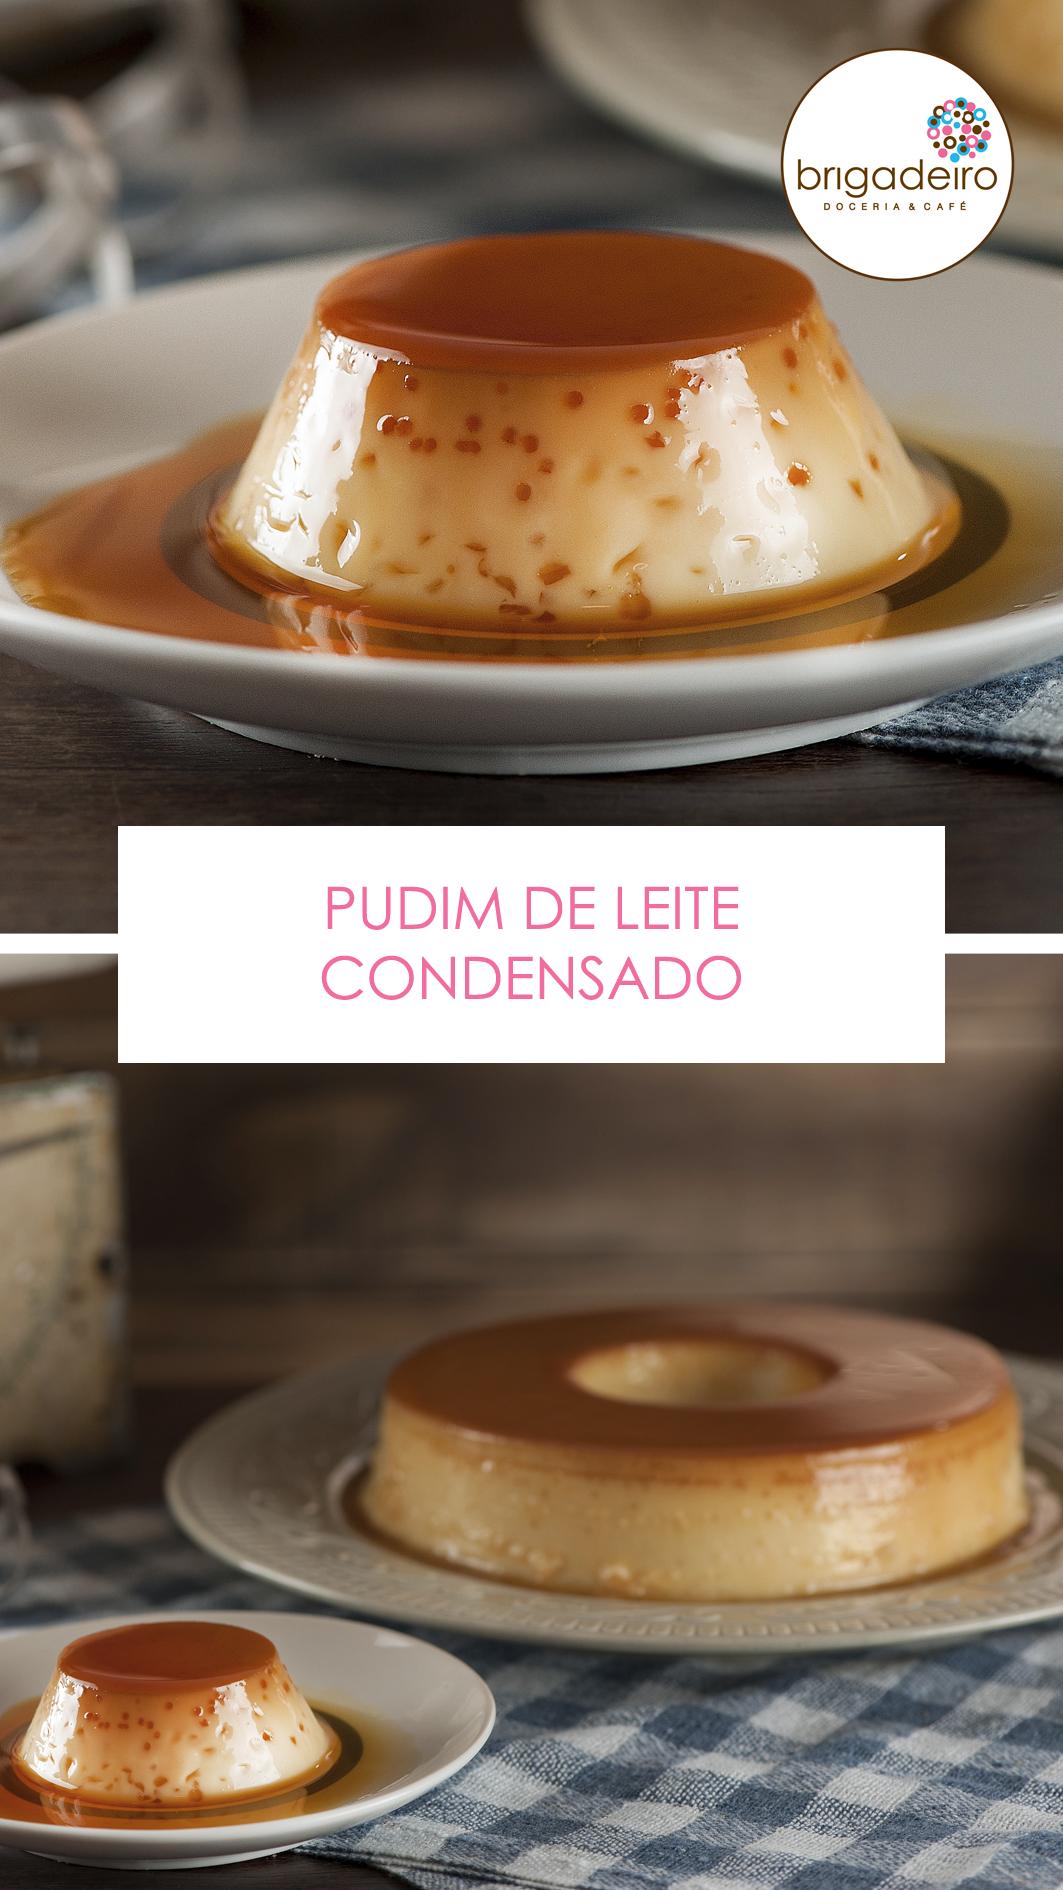 02 - PUDIM DE LEITE CONDENSADO